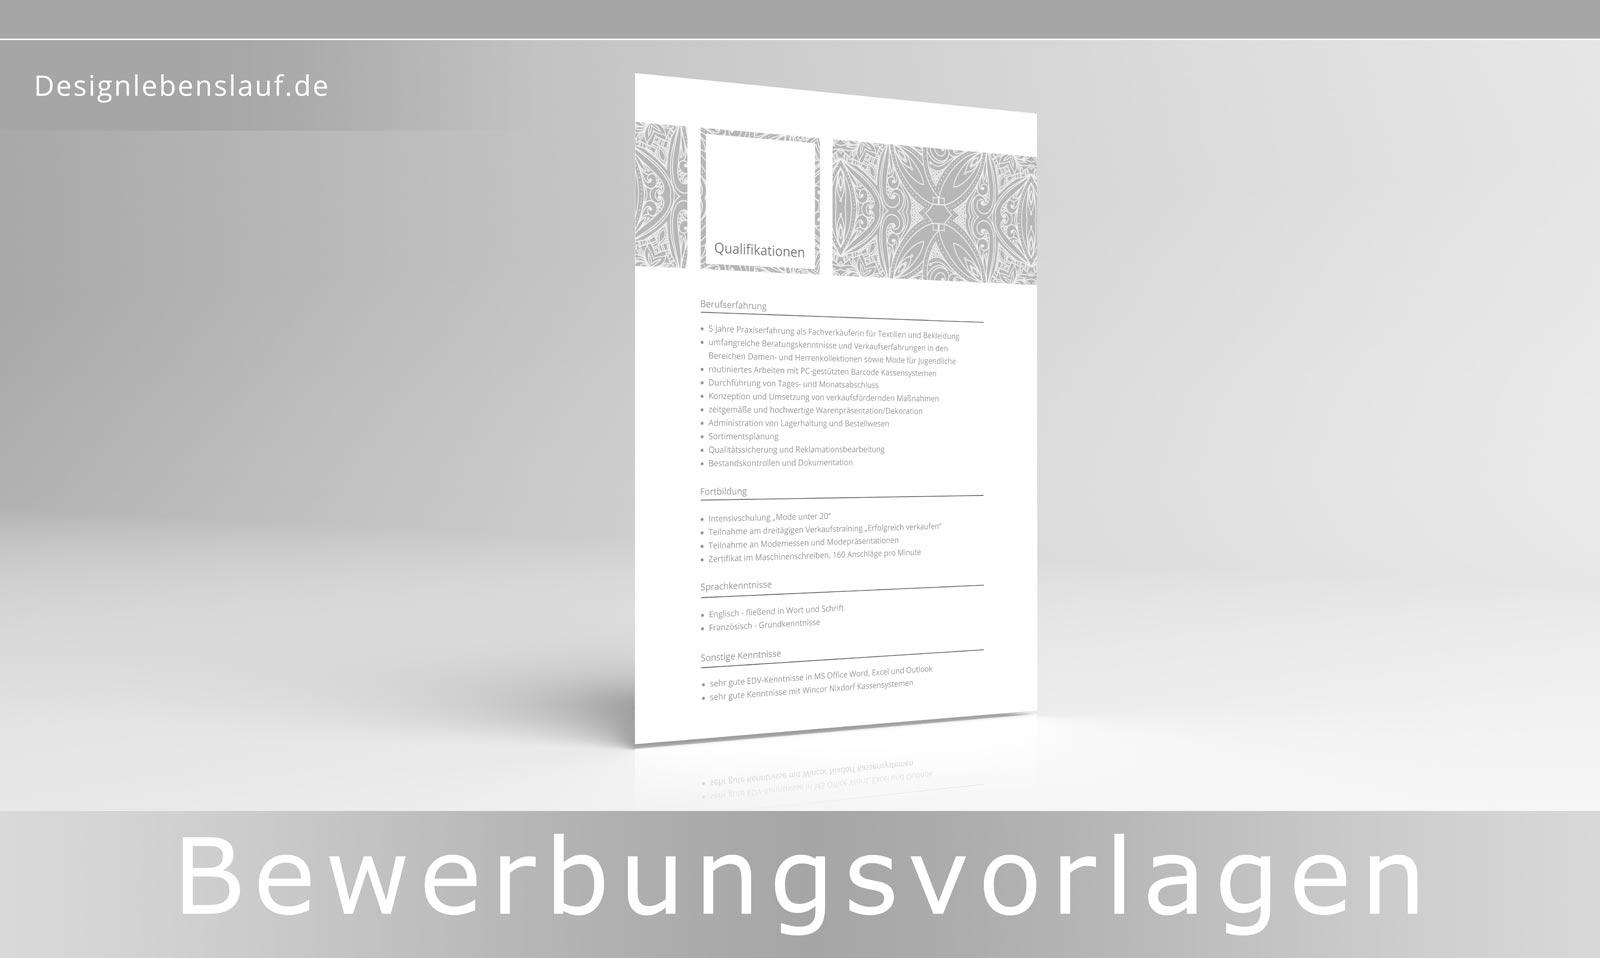 lebenslauf vorlage download kostenlos pdf tabellarischer lebenslauf ...